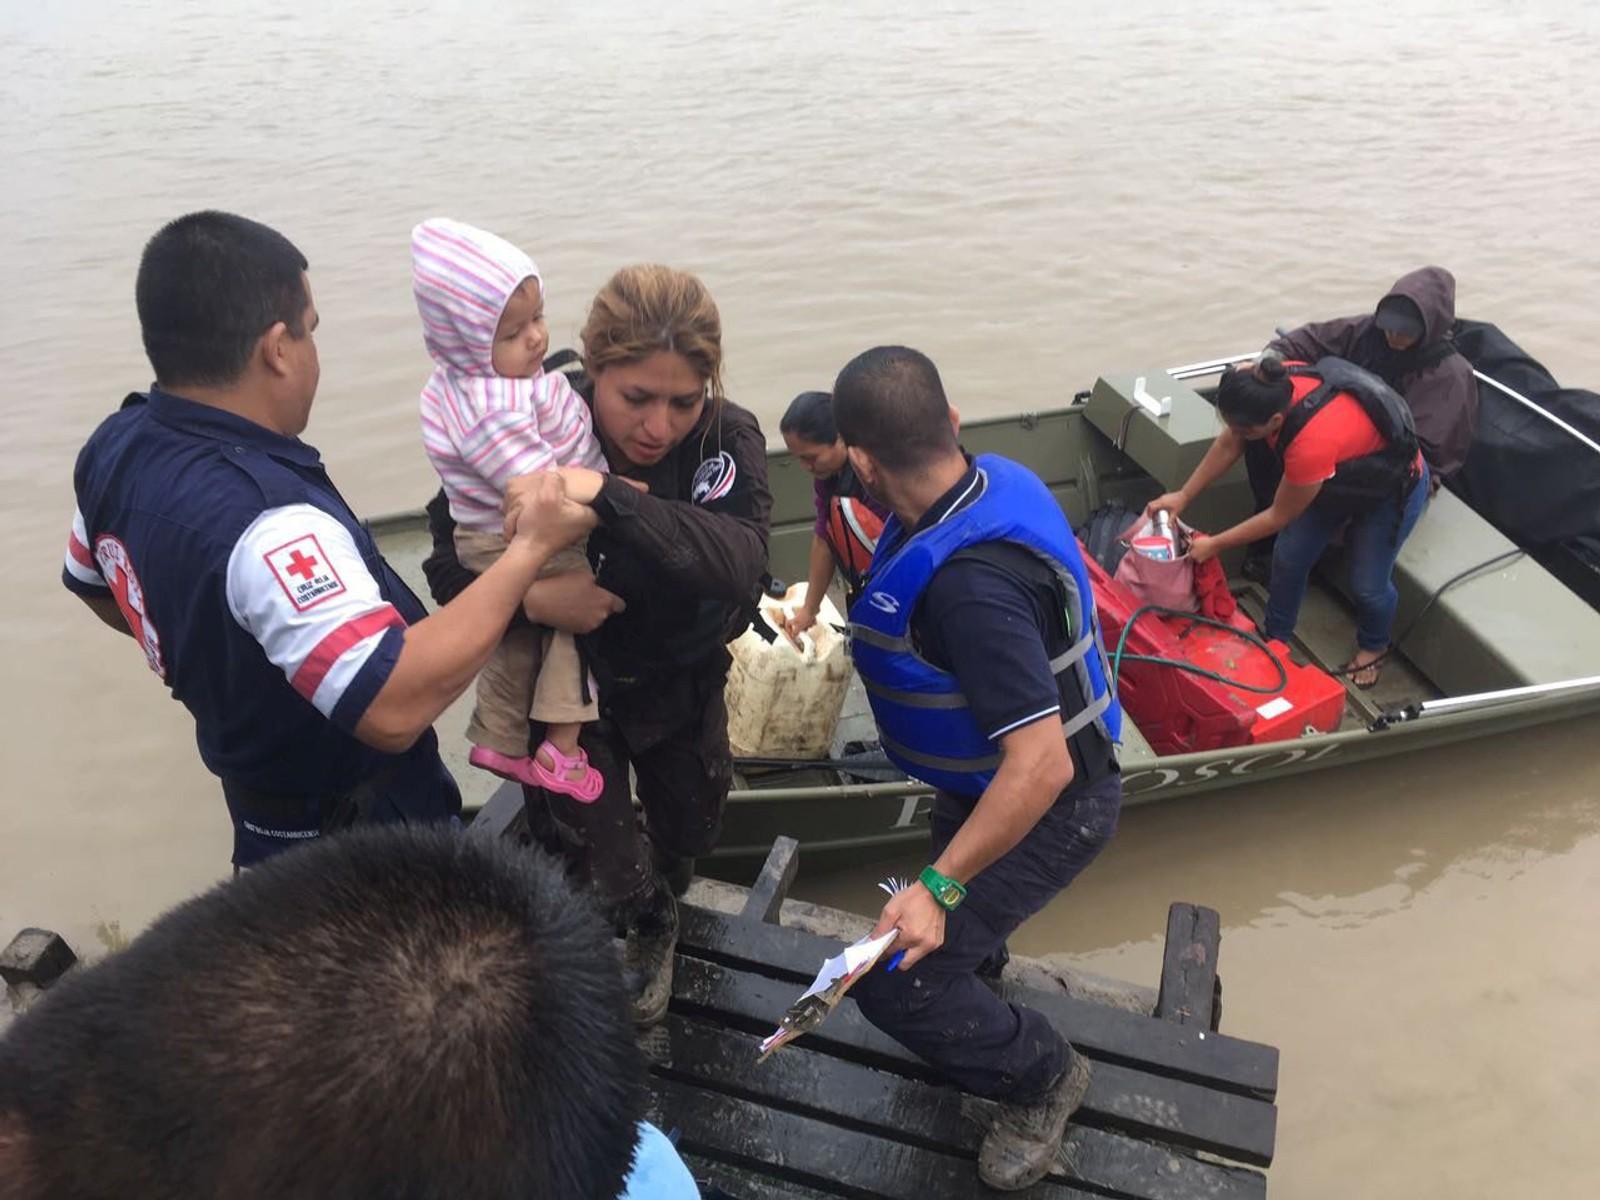 Personell frå Røde Kors hjelper familiar å evakuere i Barra de Colorado i Costa Rica.